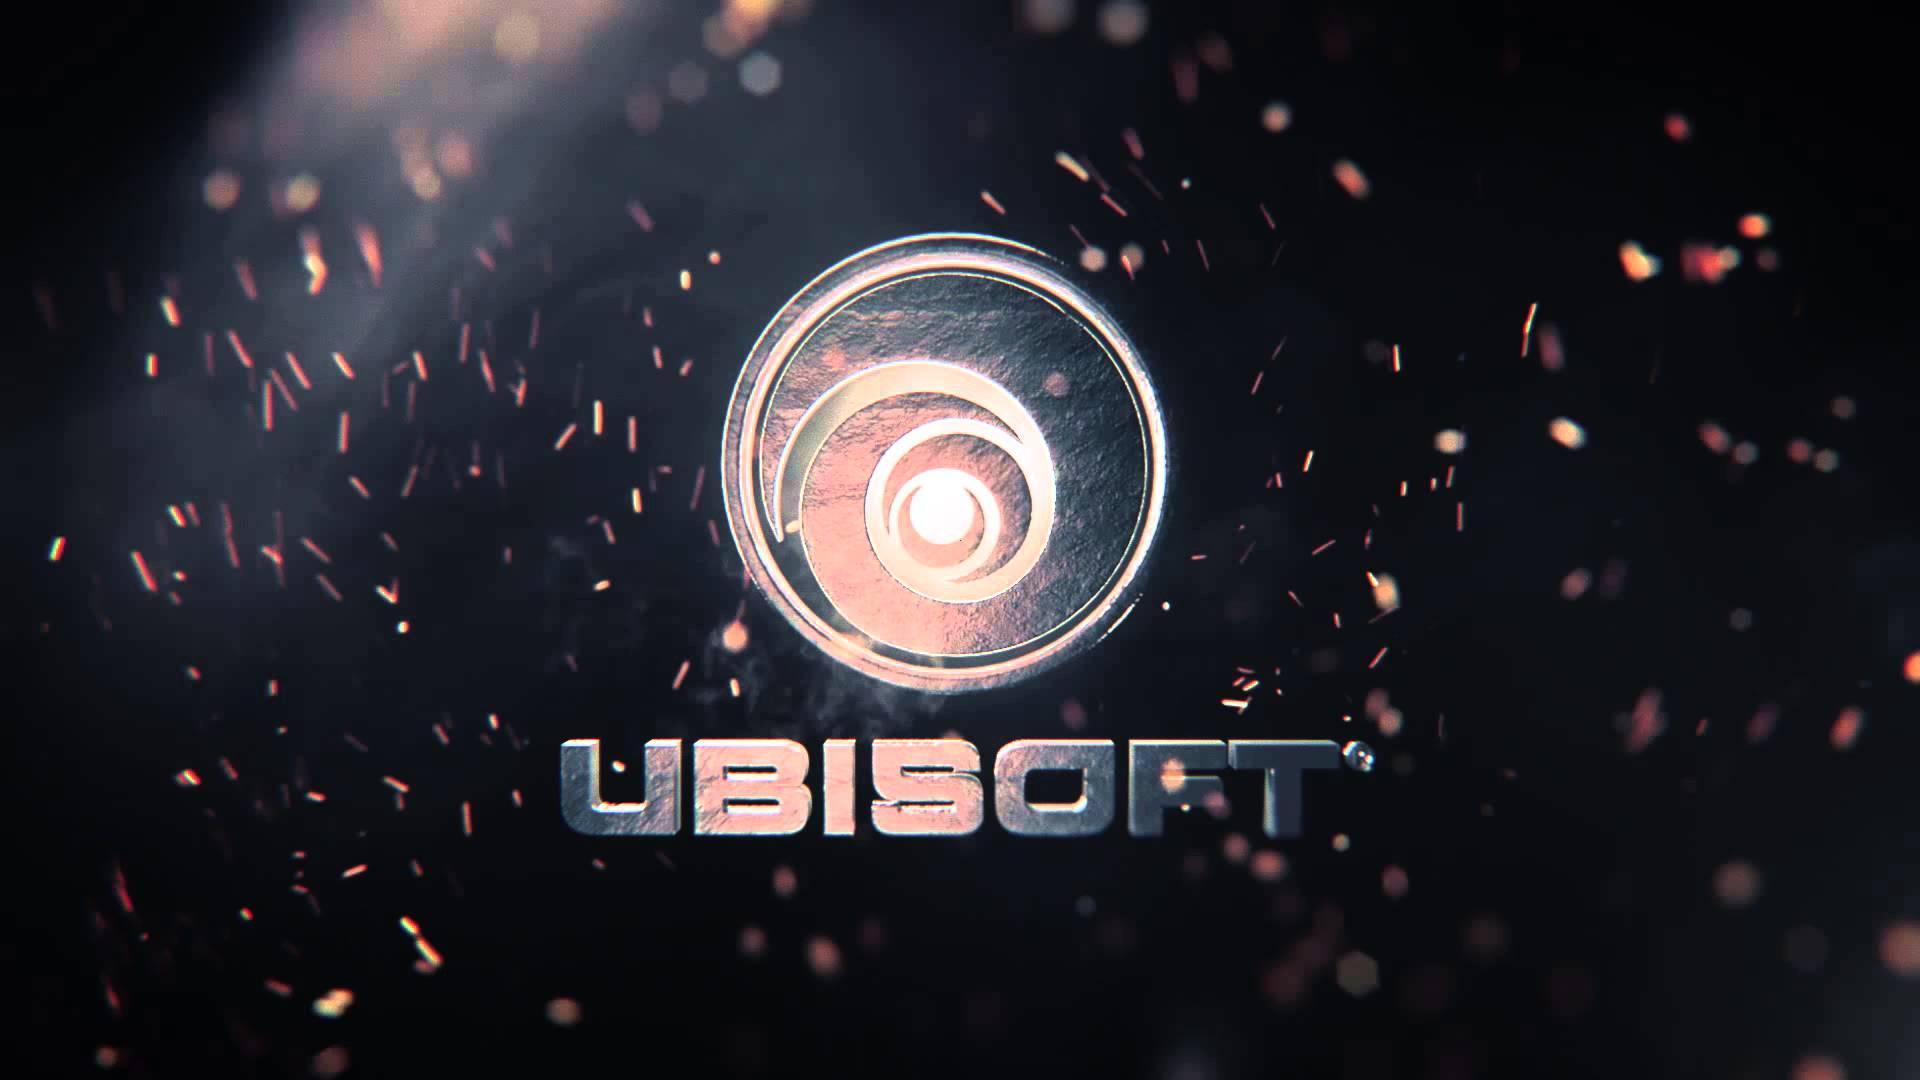 В магазине Ubisoft стартует